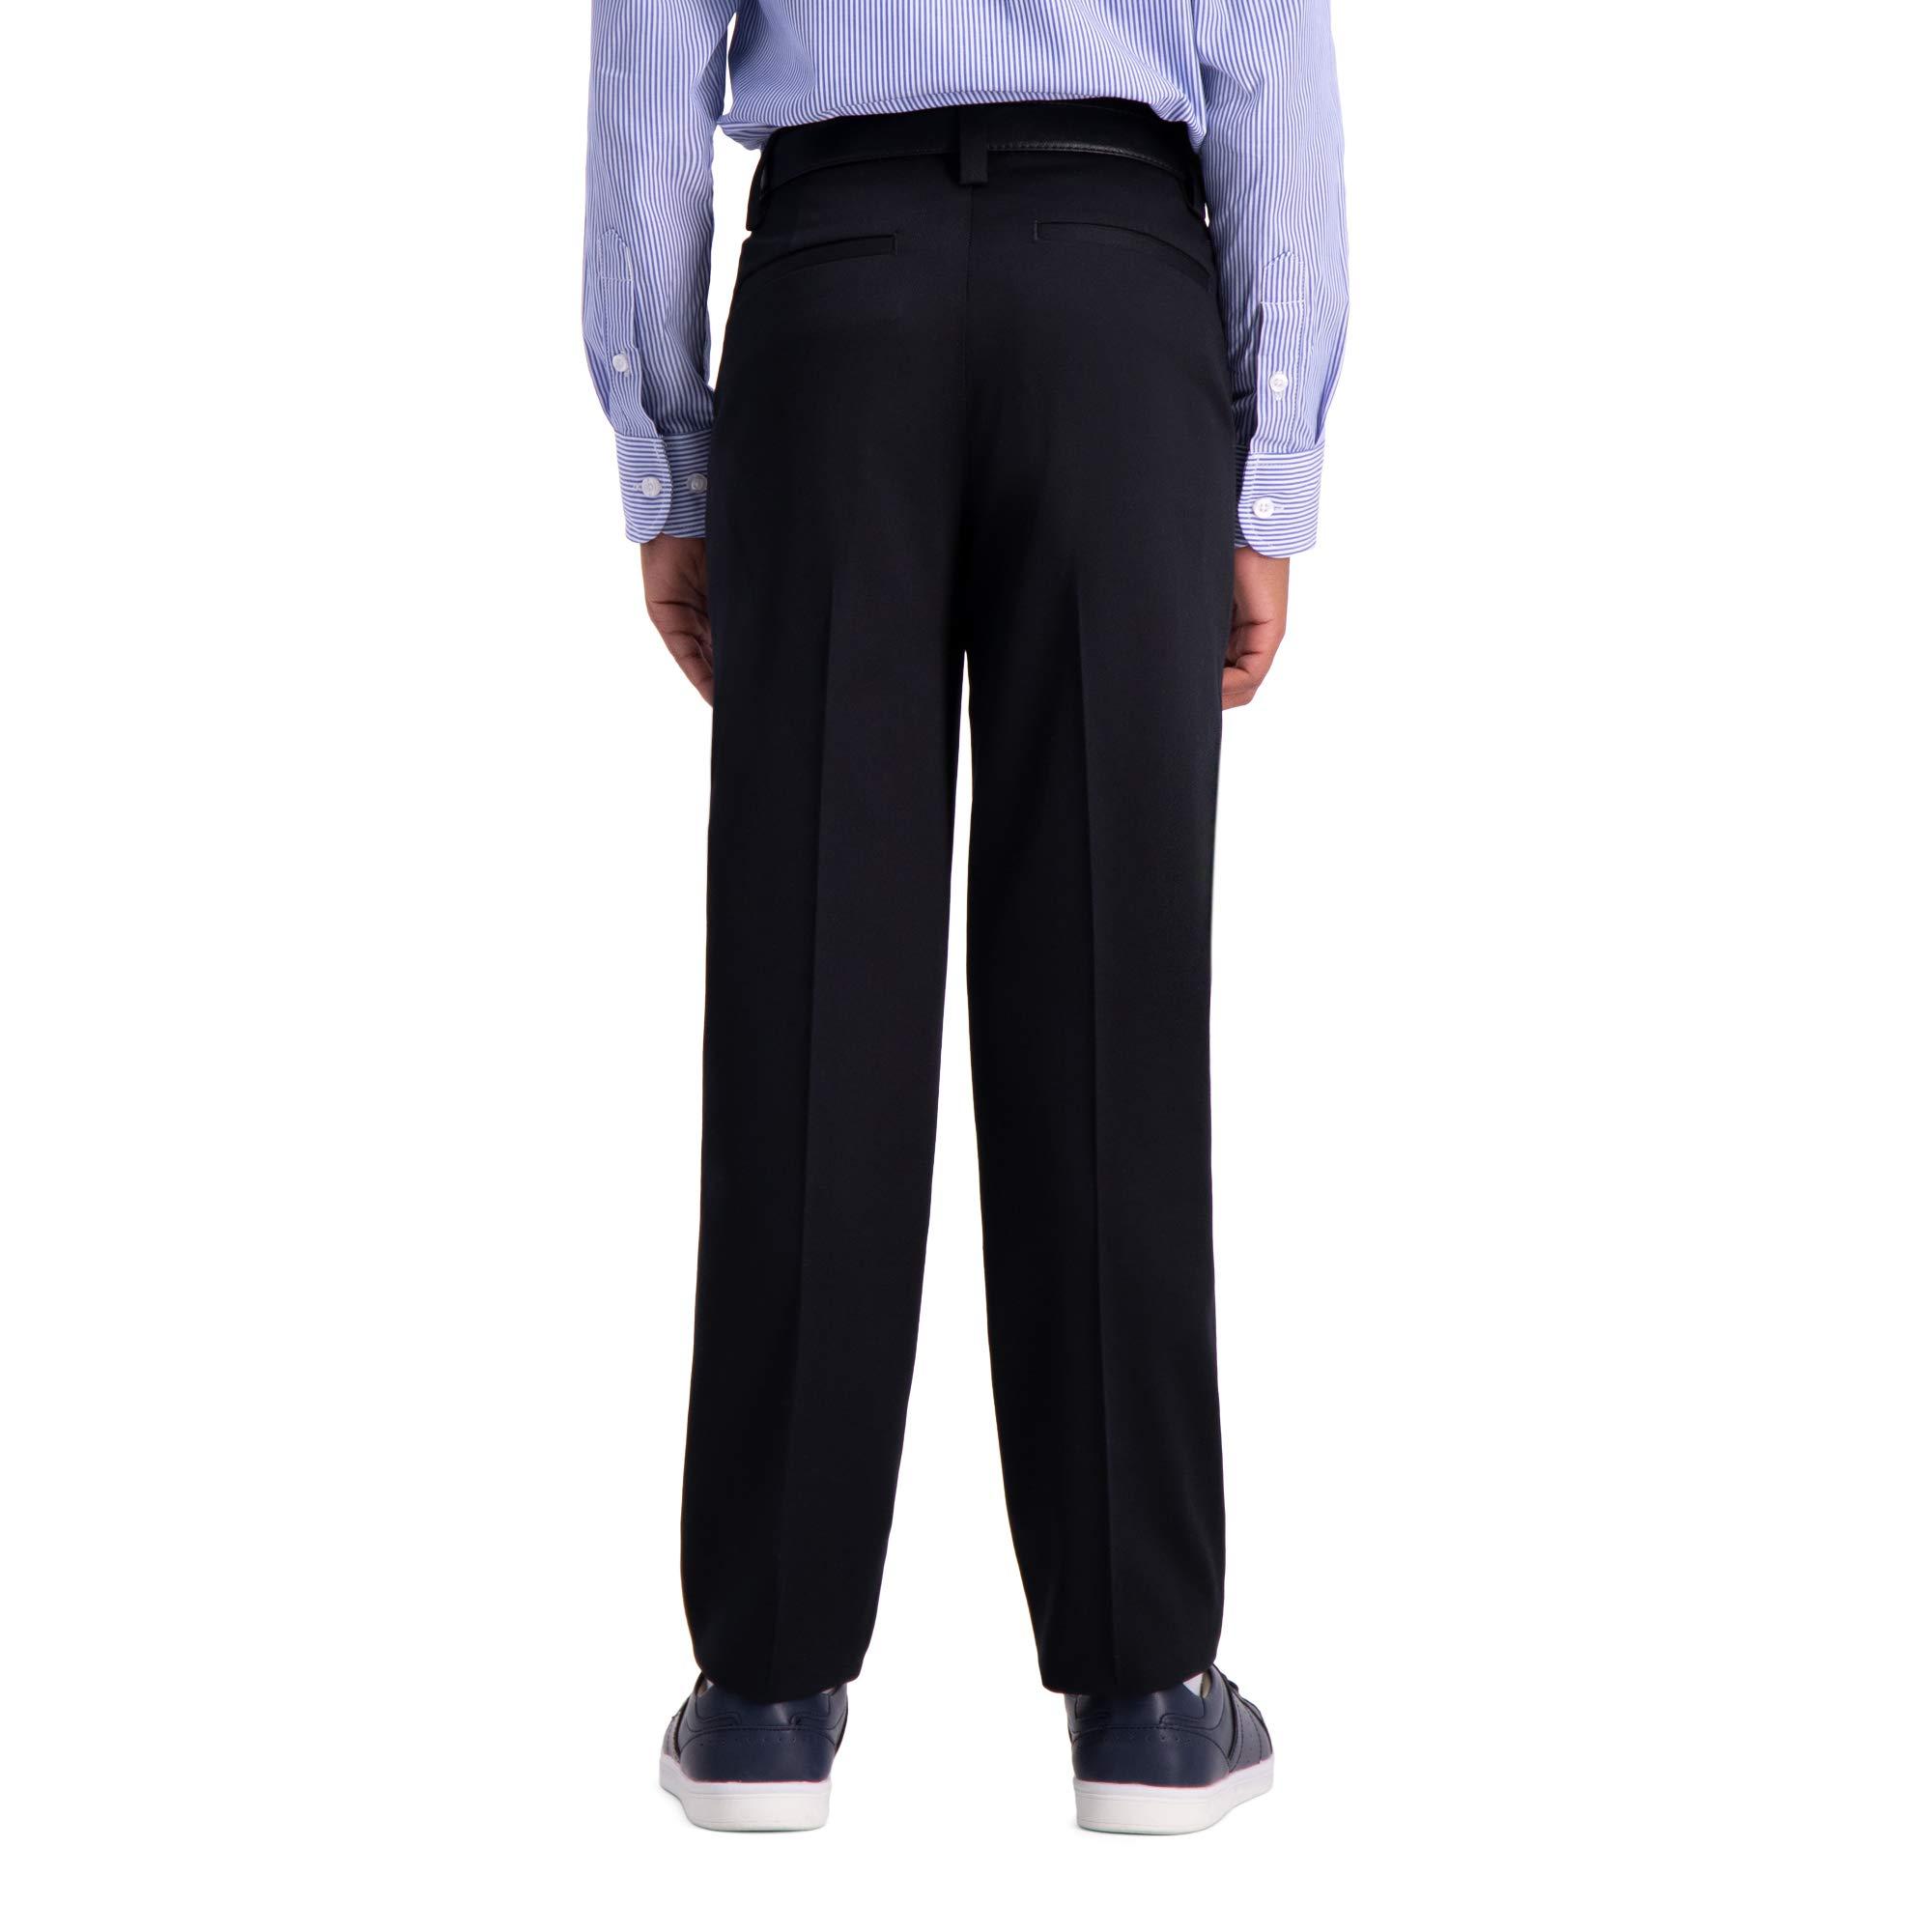 Haggar Big Boy's Youth Slim 8-20 Premium No Iron Khaki Pant, Black, 8 SLM by Haggar (Image #3)